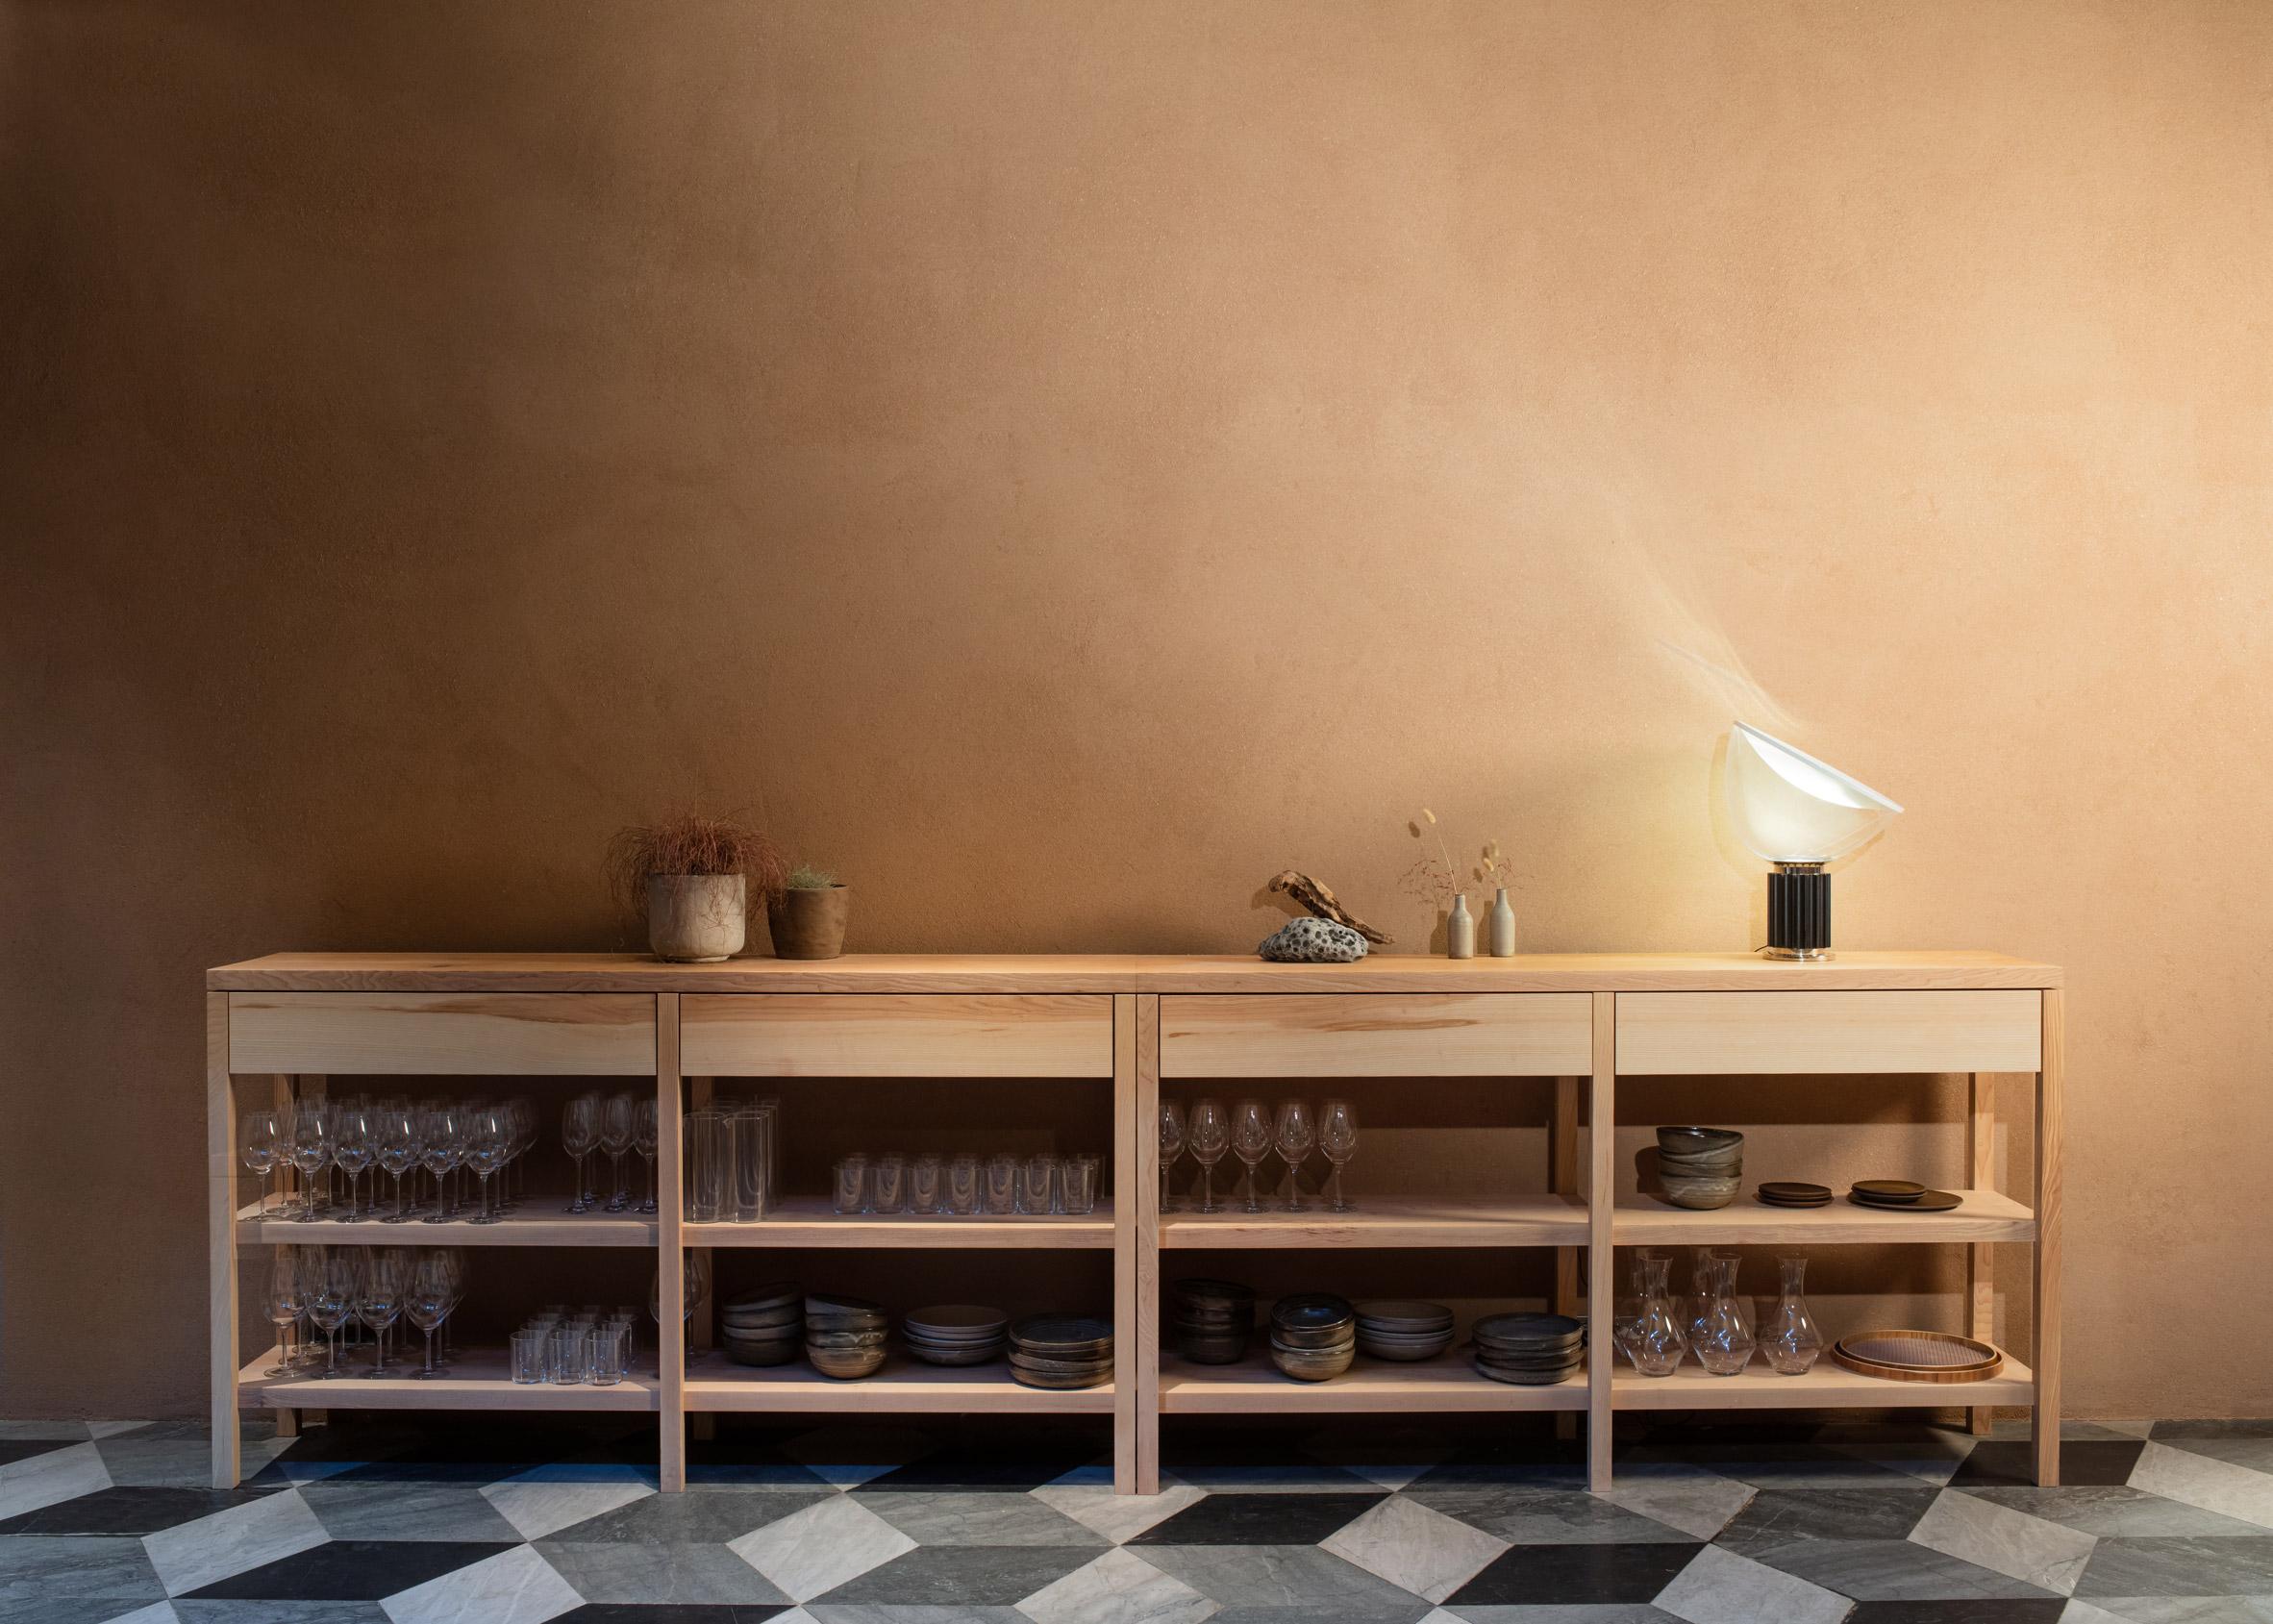 Thiết kế quán cafebằng gỗ 12